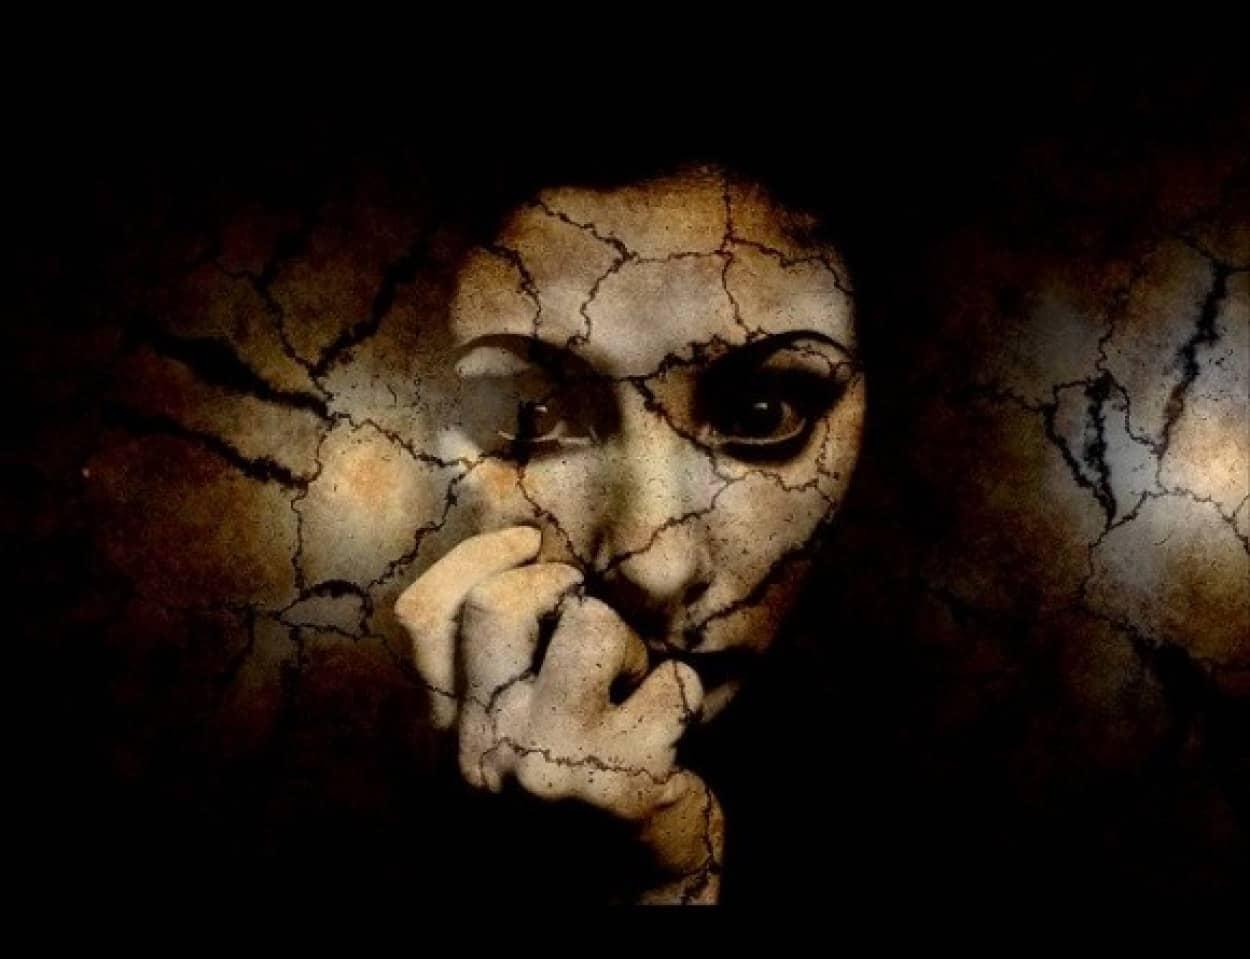 fear-615989_640_e